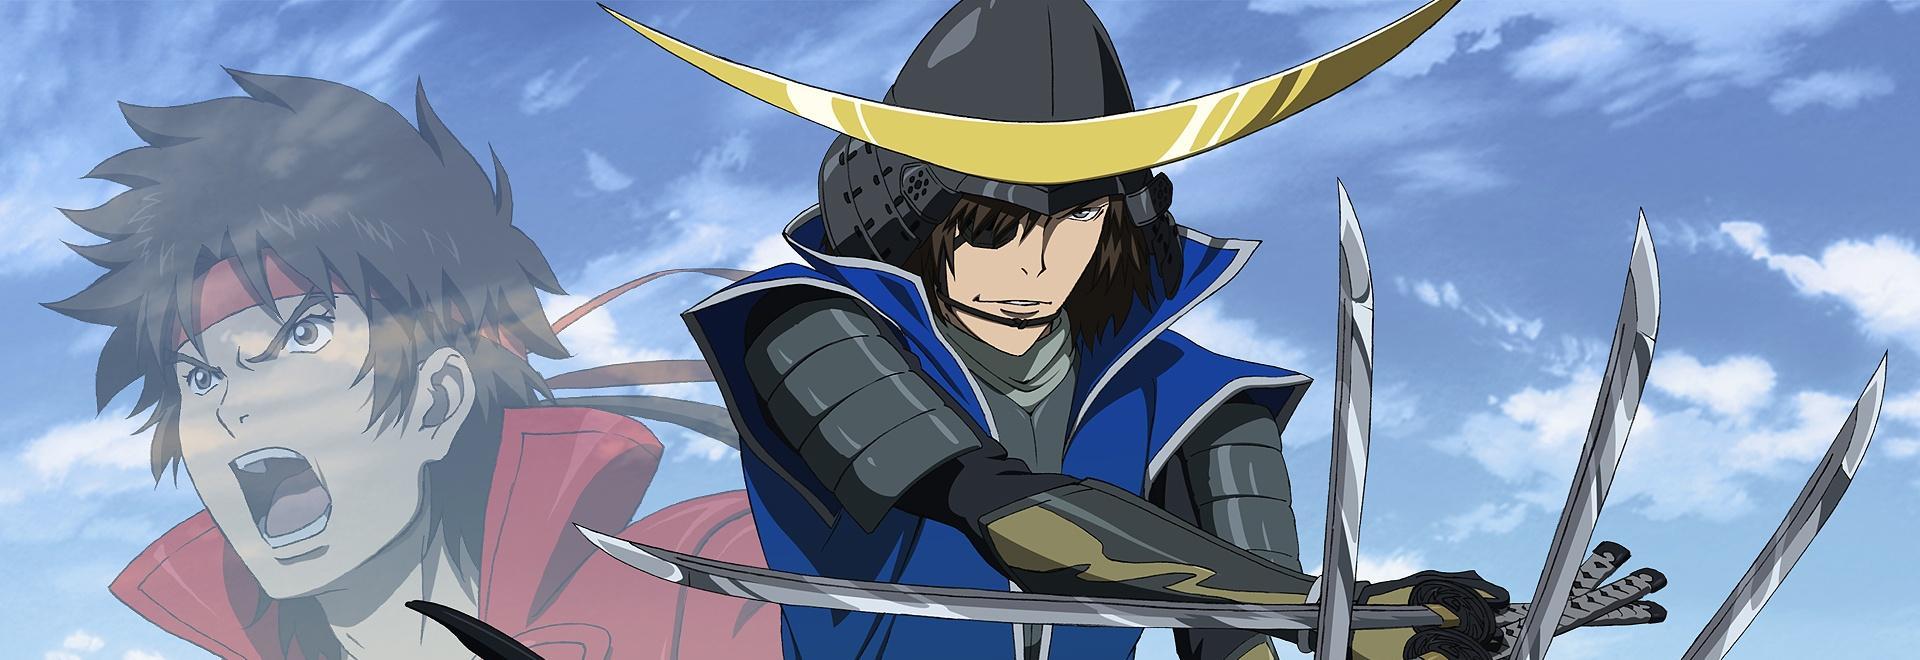 Legami Infranti. La disonorevole ritirata di Masamune!